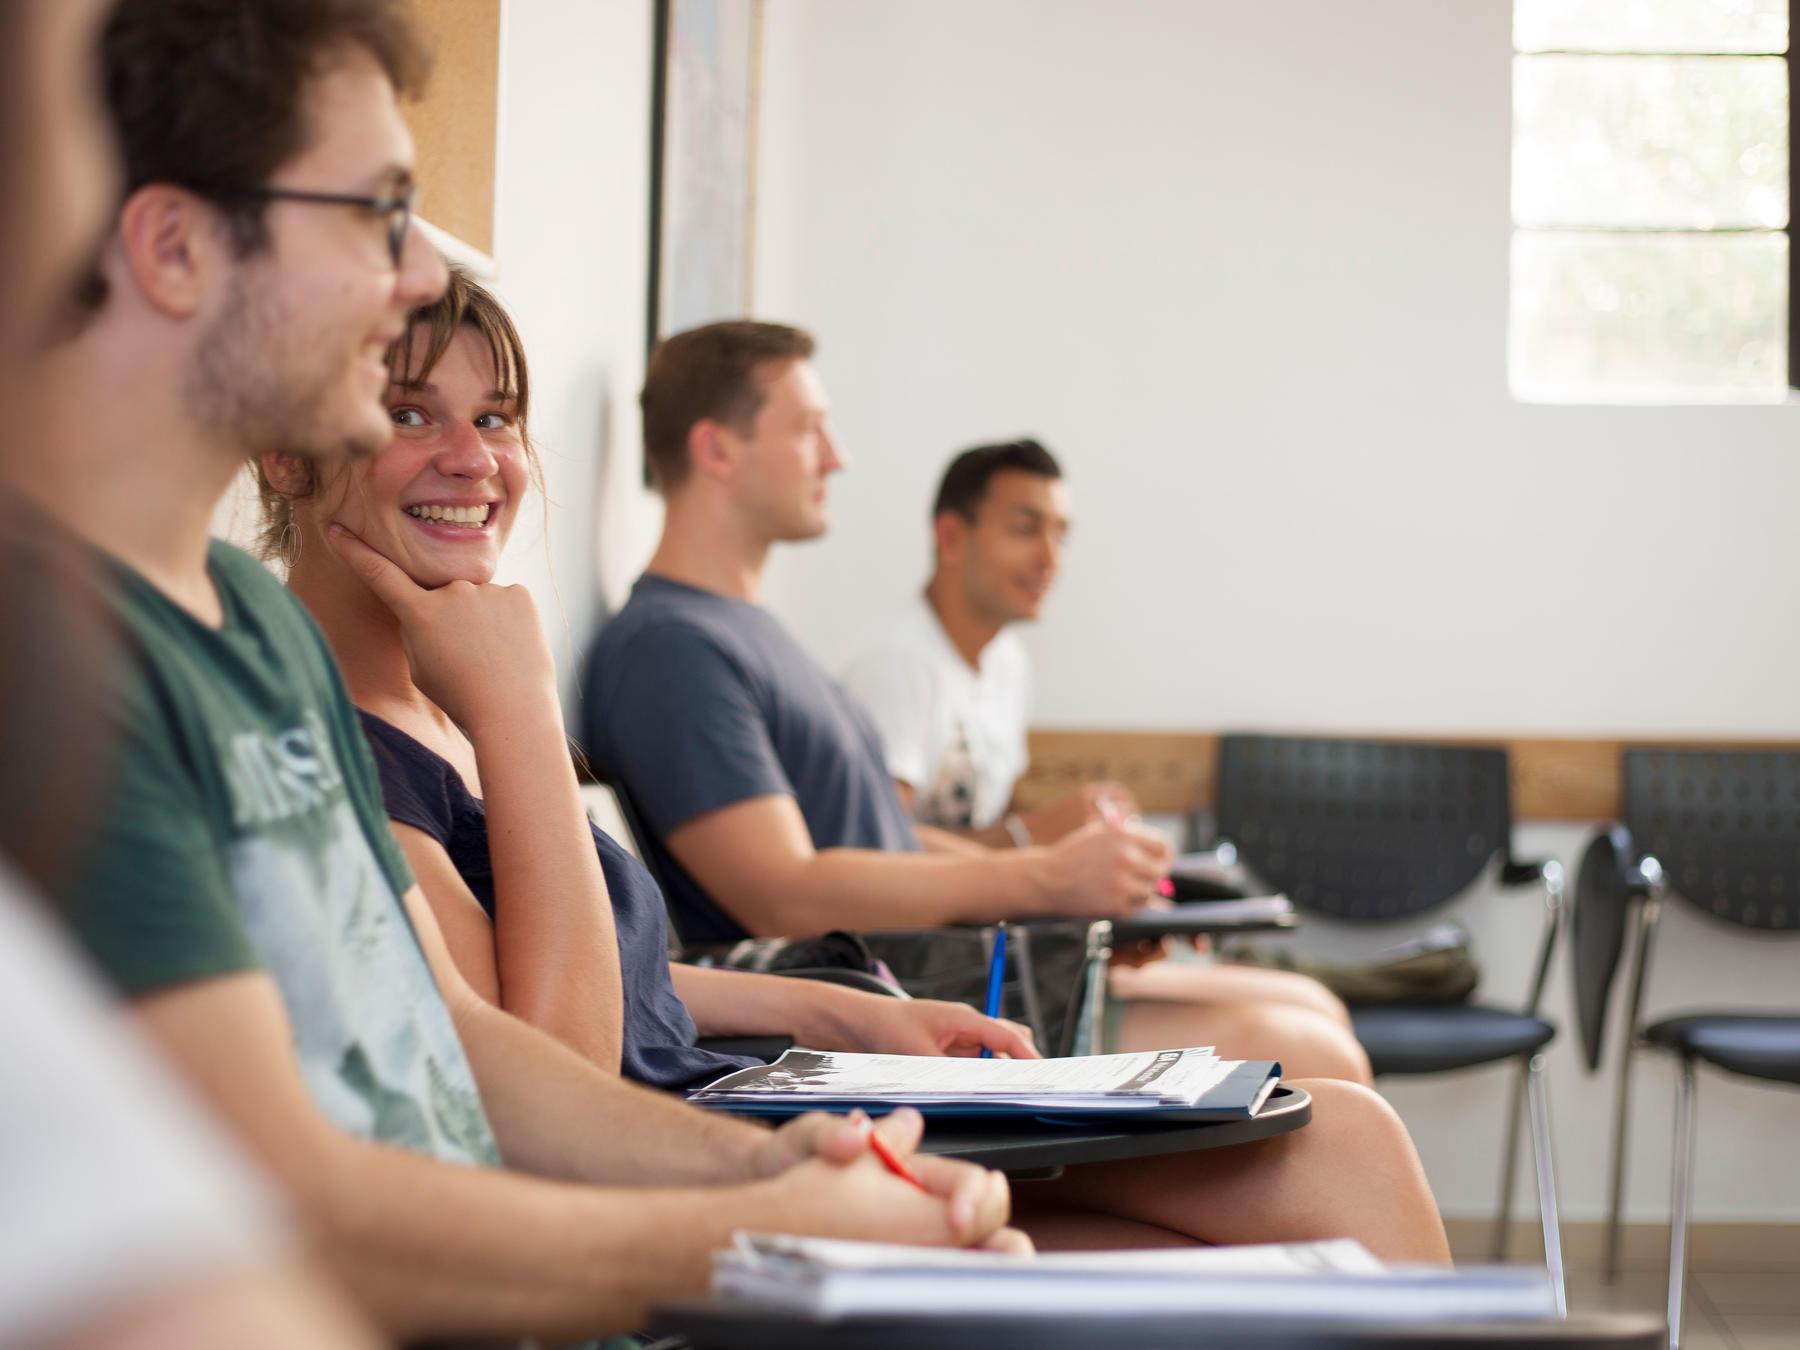 eurocentres-malta-dil-egitimi-okulu-kursu-4.jpg